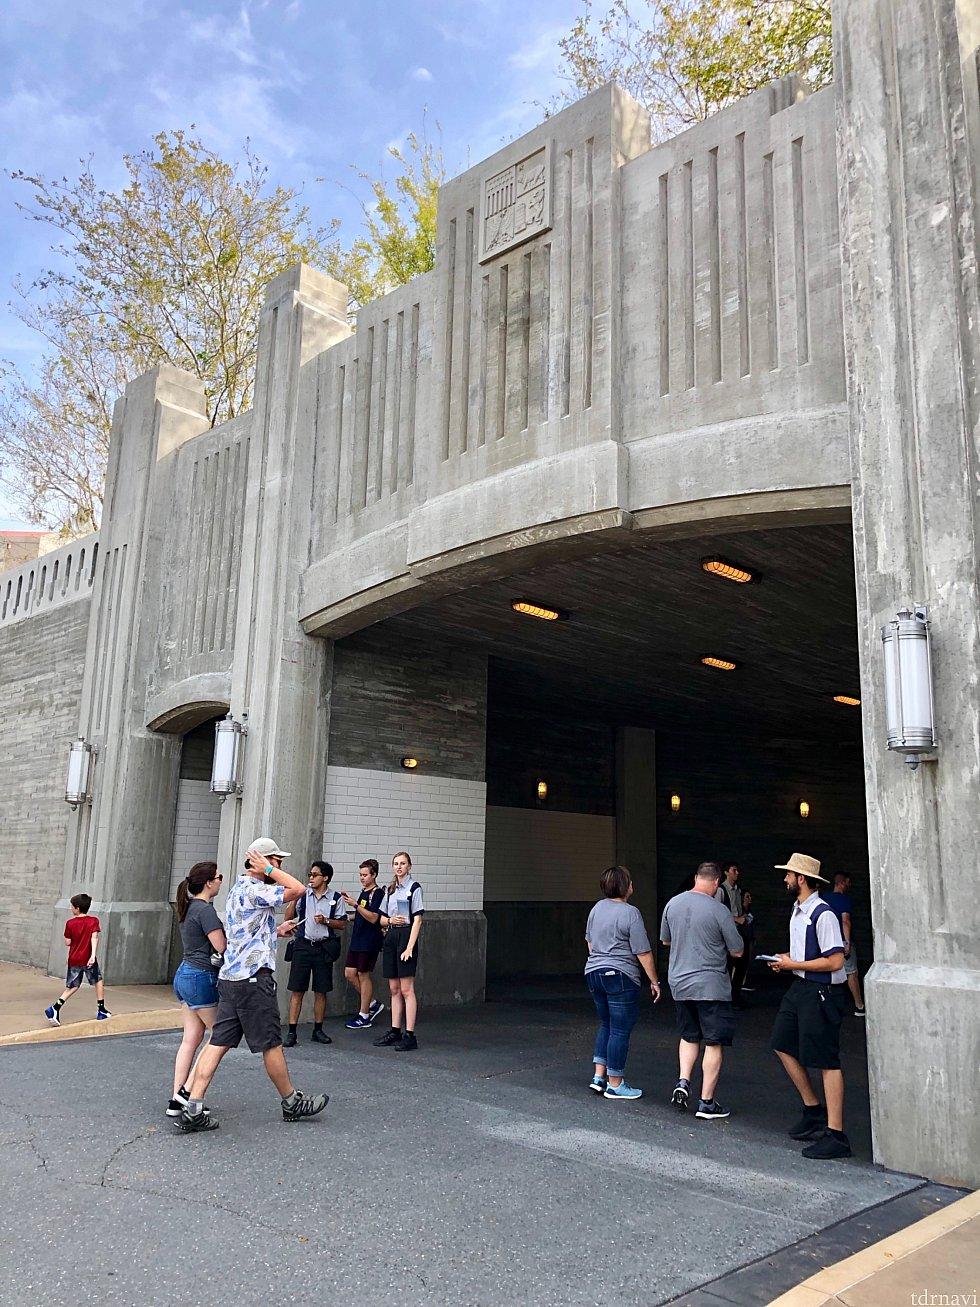 メインエントランスは、マペットビジョン3Dがある、Grand Avenue から。プレビュー時の唯一の出入り口がここでした。キャストさん達のコスチュームもまだハリウッドスタジオ仕様。